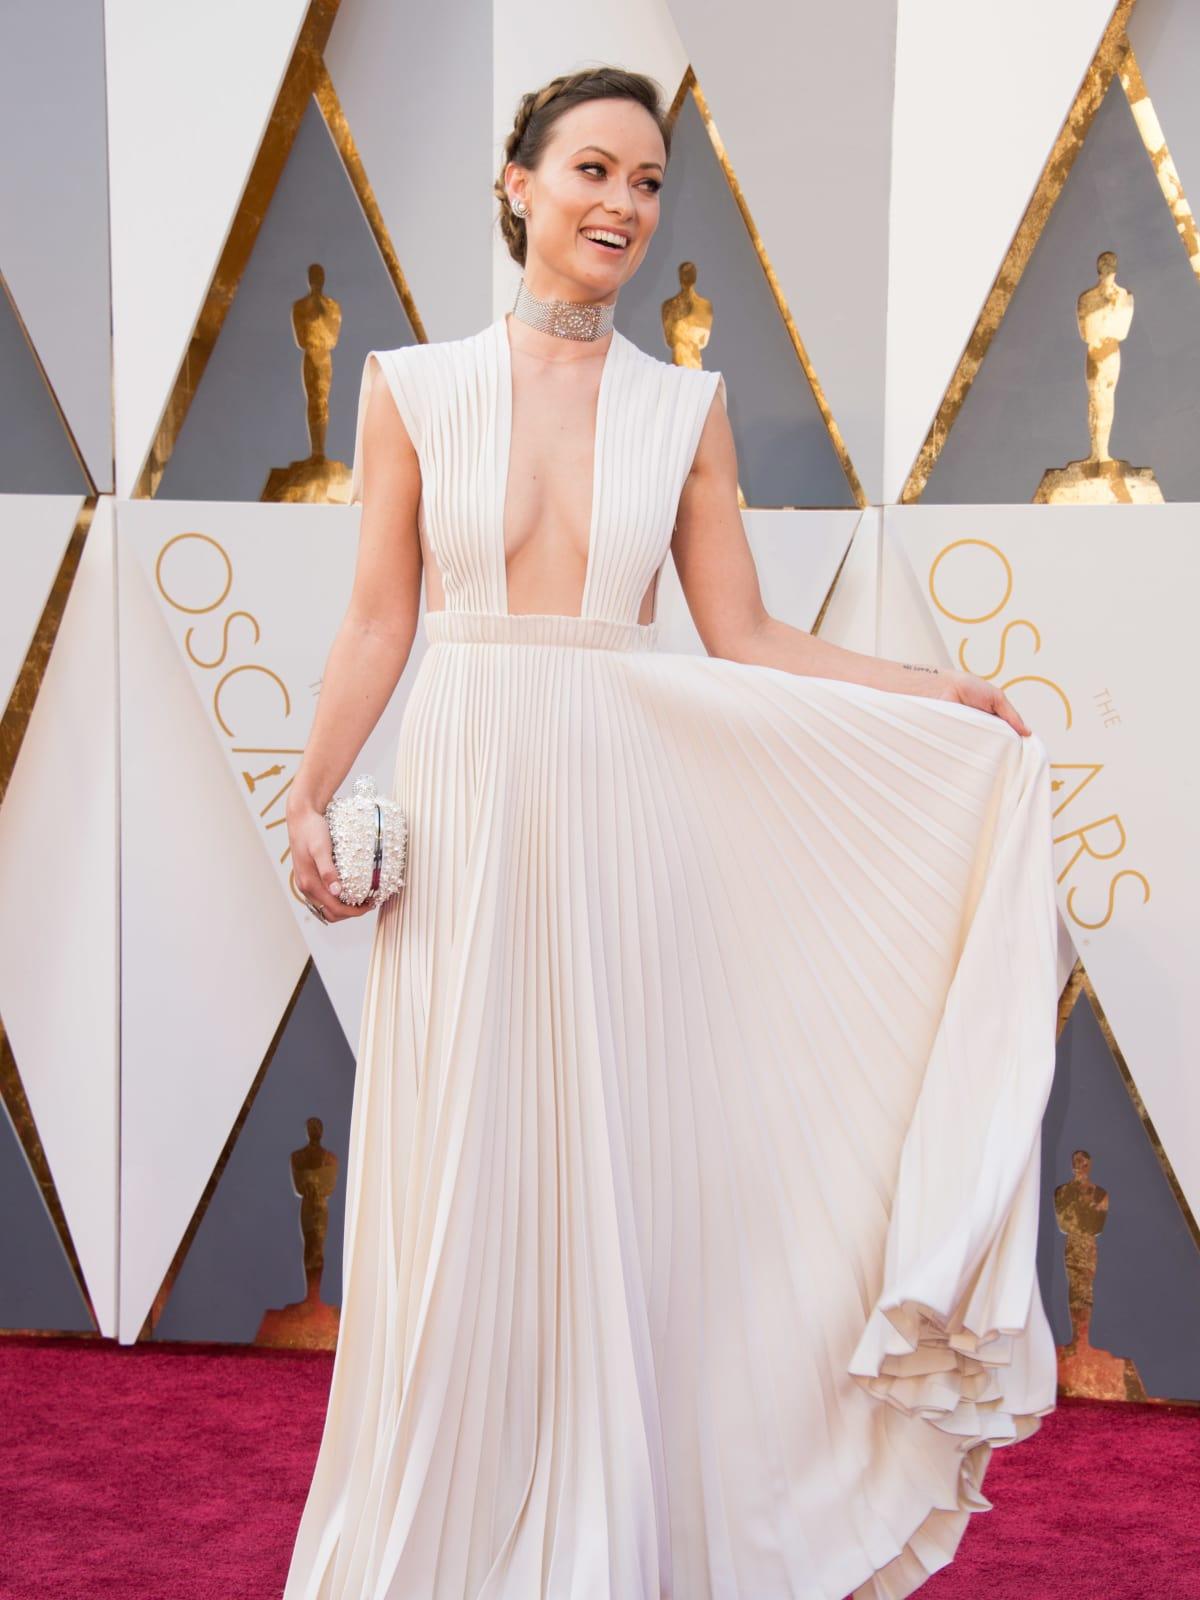 Olivia Wilde at Oscars